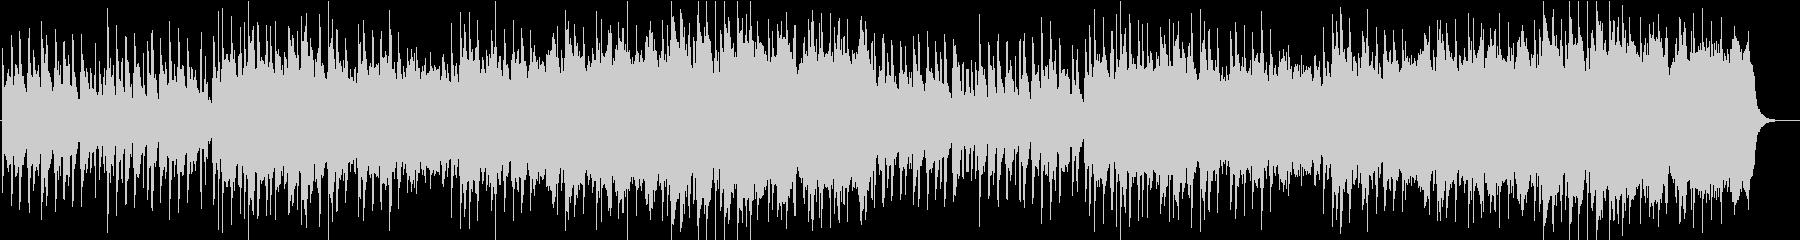 ふるさと オルゴールオーケストラverの未再生の波形